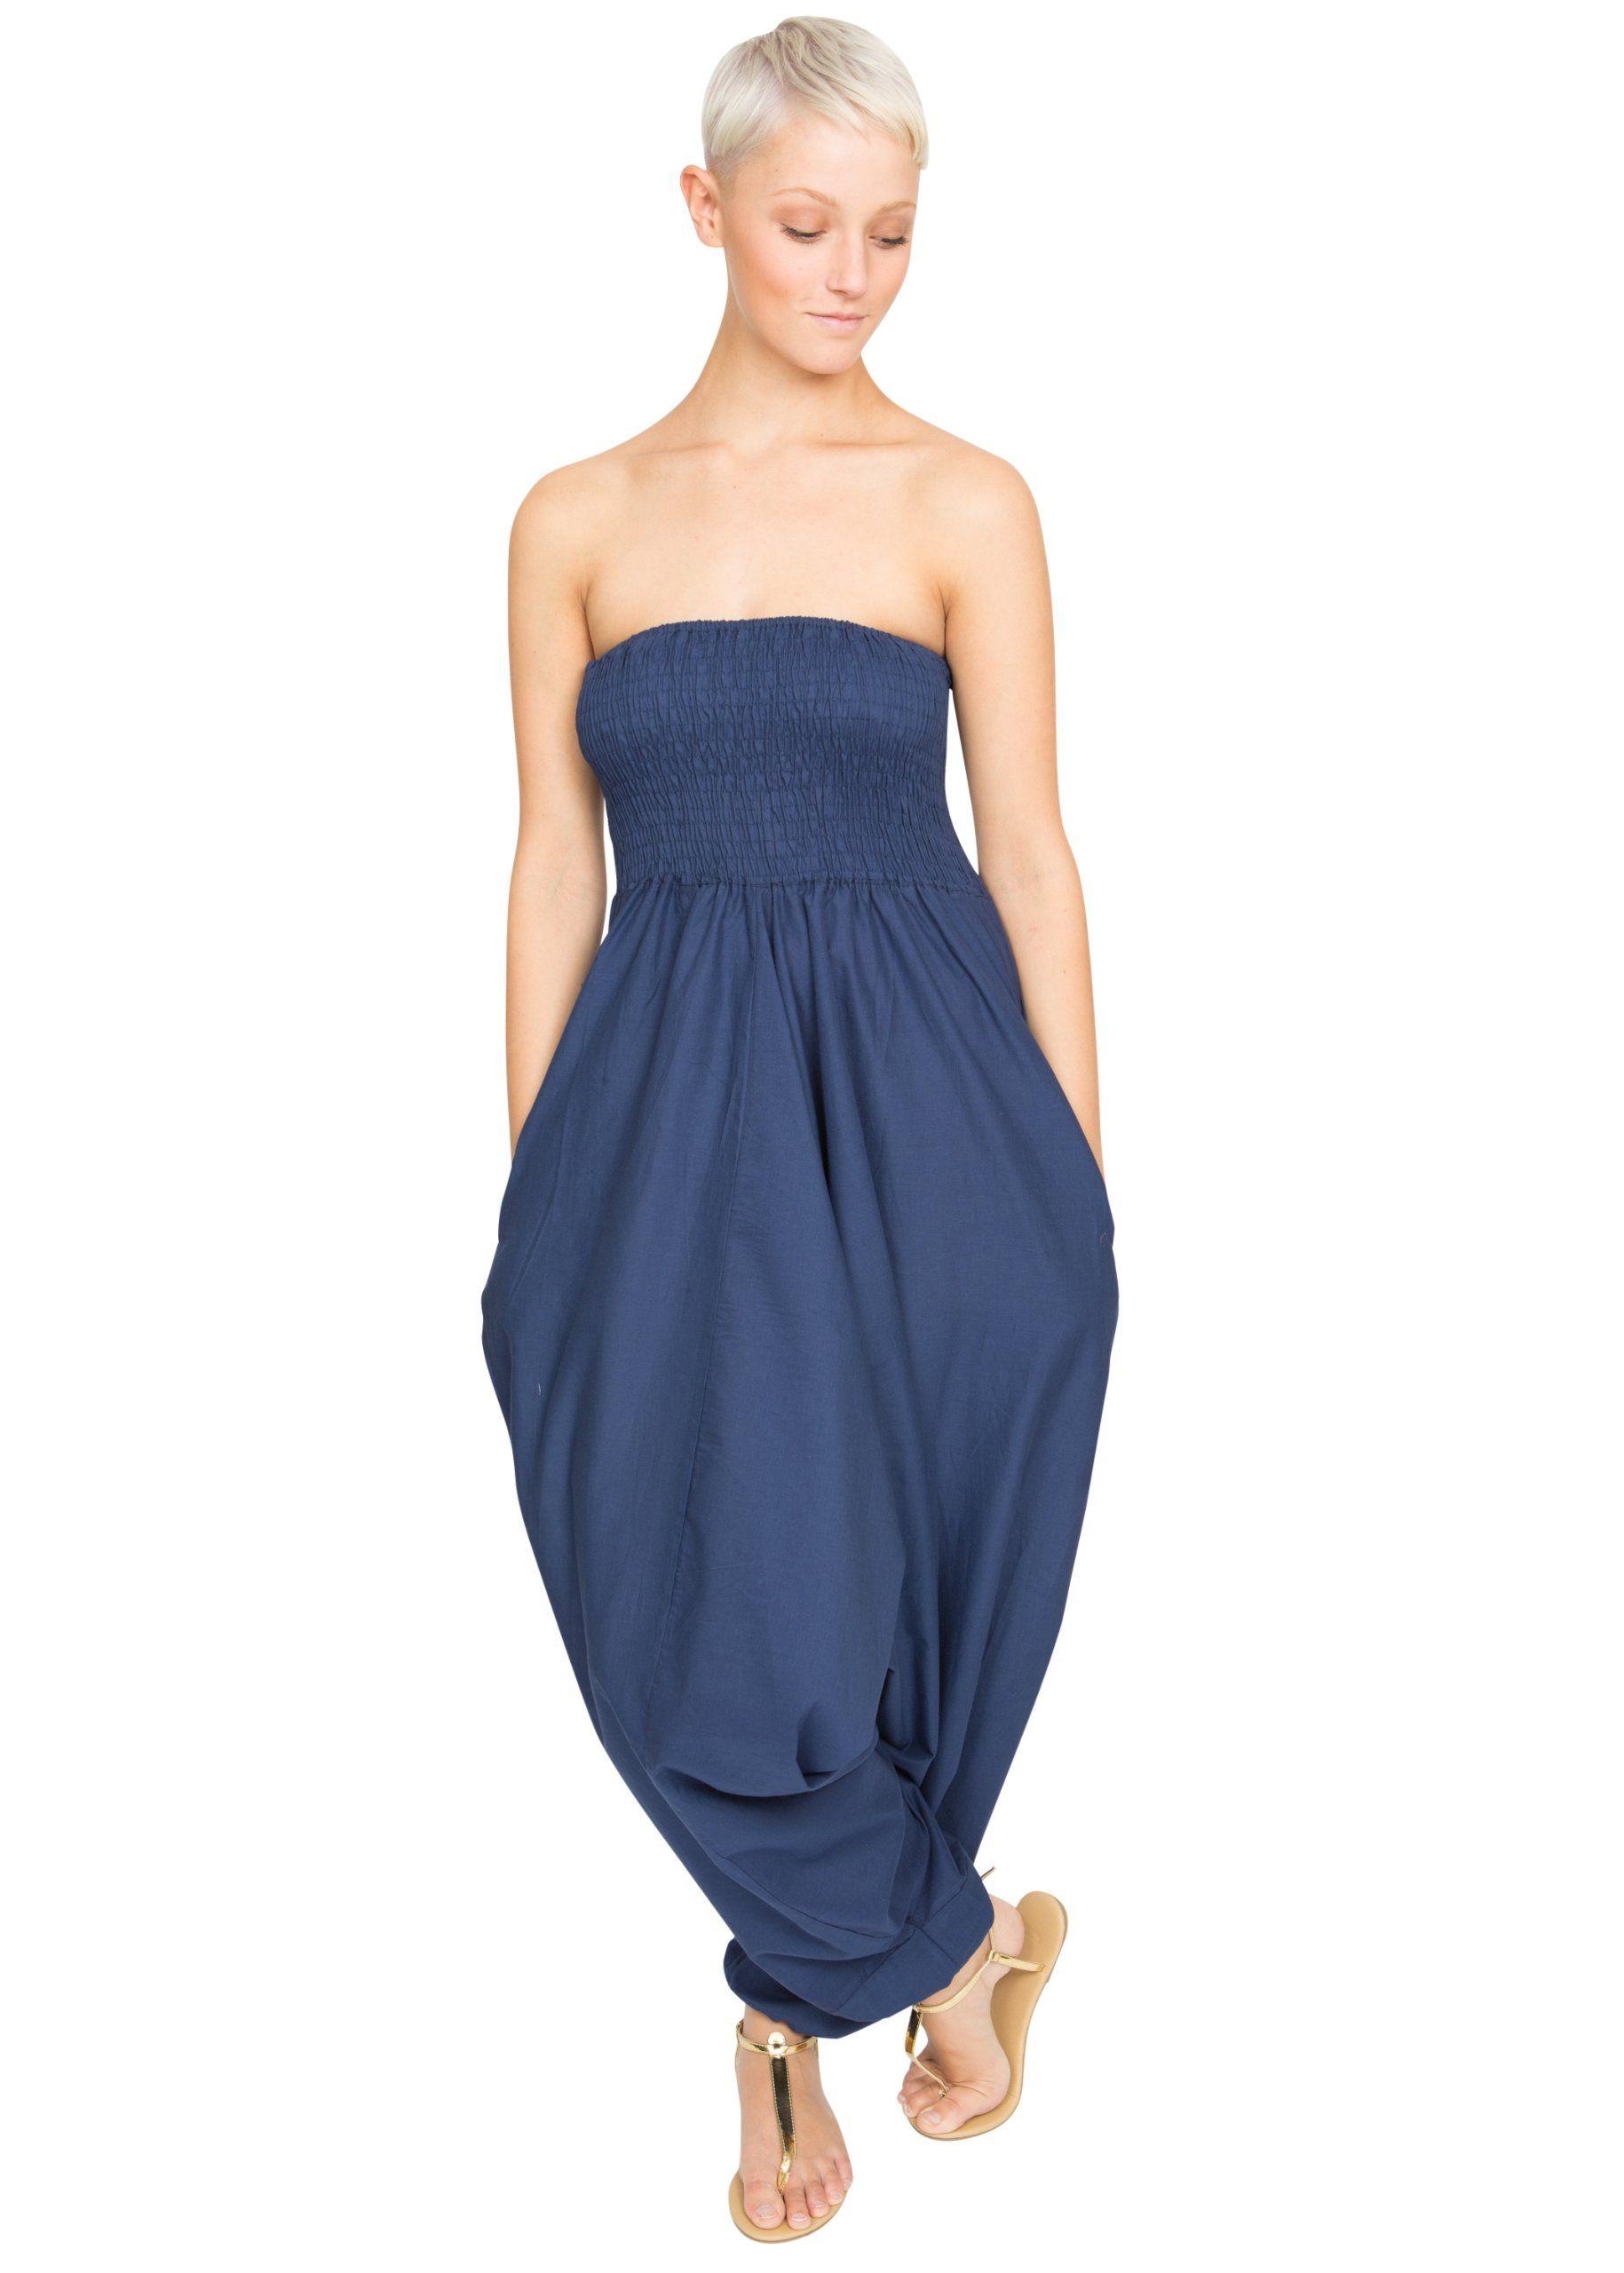 Cotton Maxi Harem Pants Romper Jumpsuit Royal Blue, One szie fit size 6 - 16